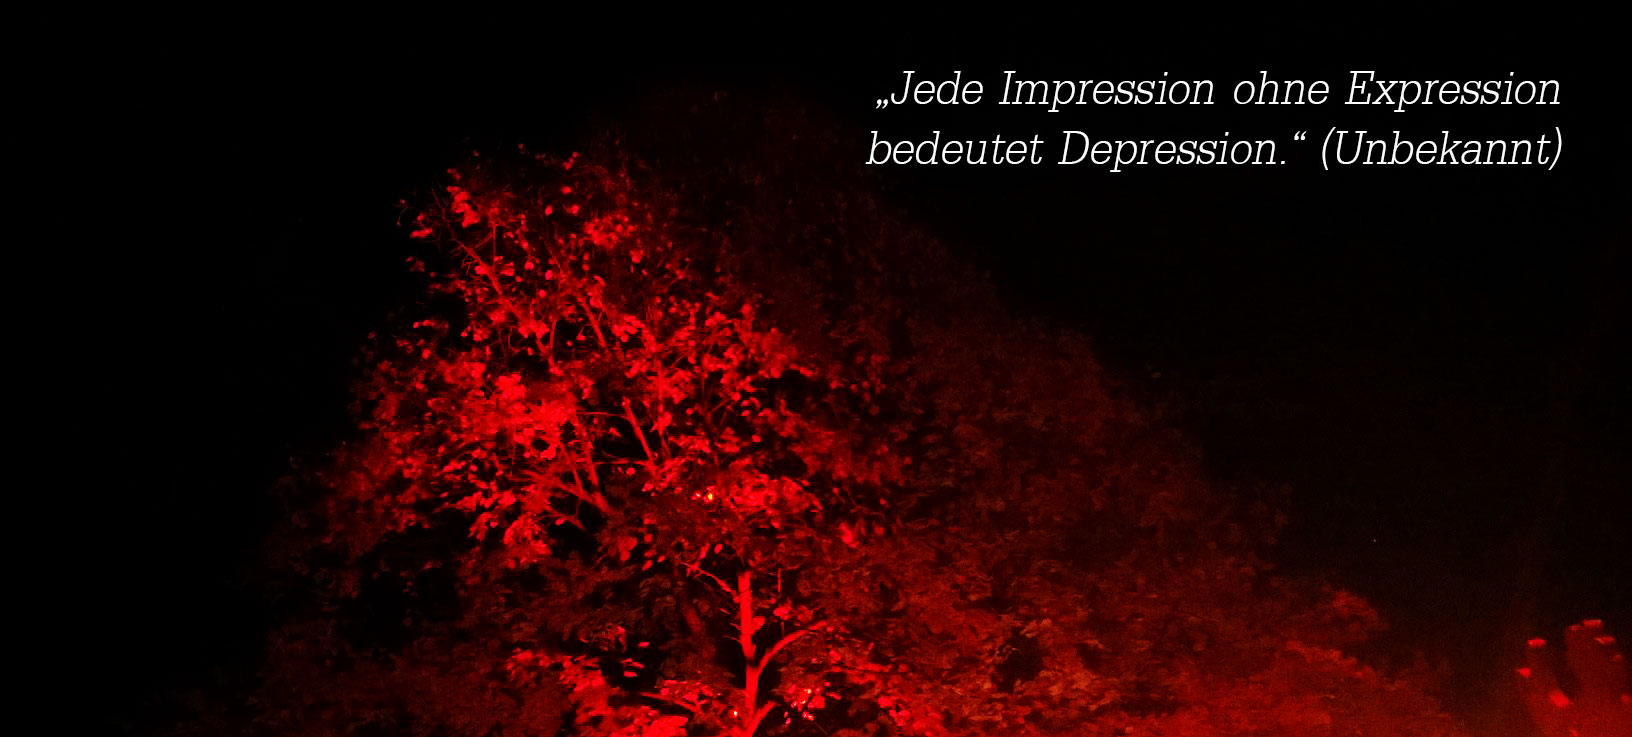 depressionen sind ein kernthema der gesellschaft sie. Black Bedroom Furniture Sets. Home Design Ideas